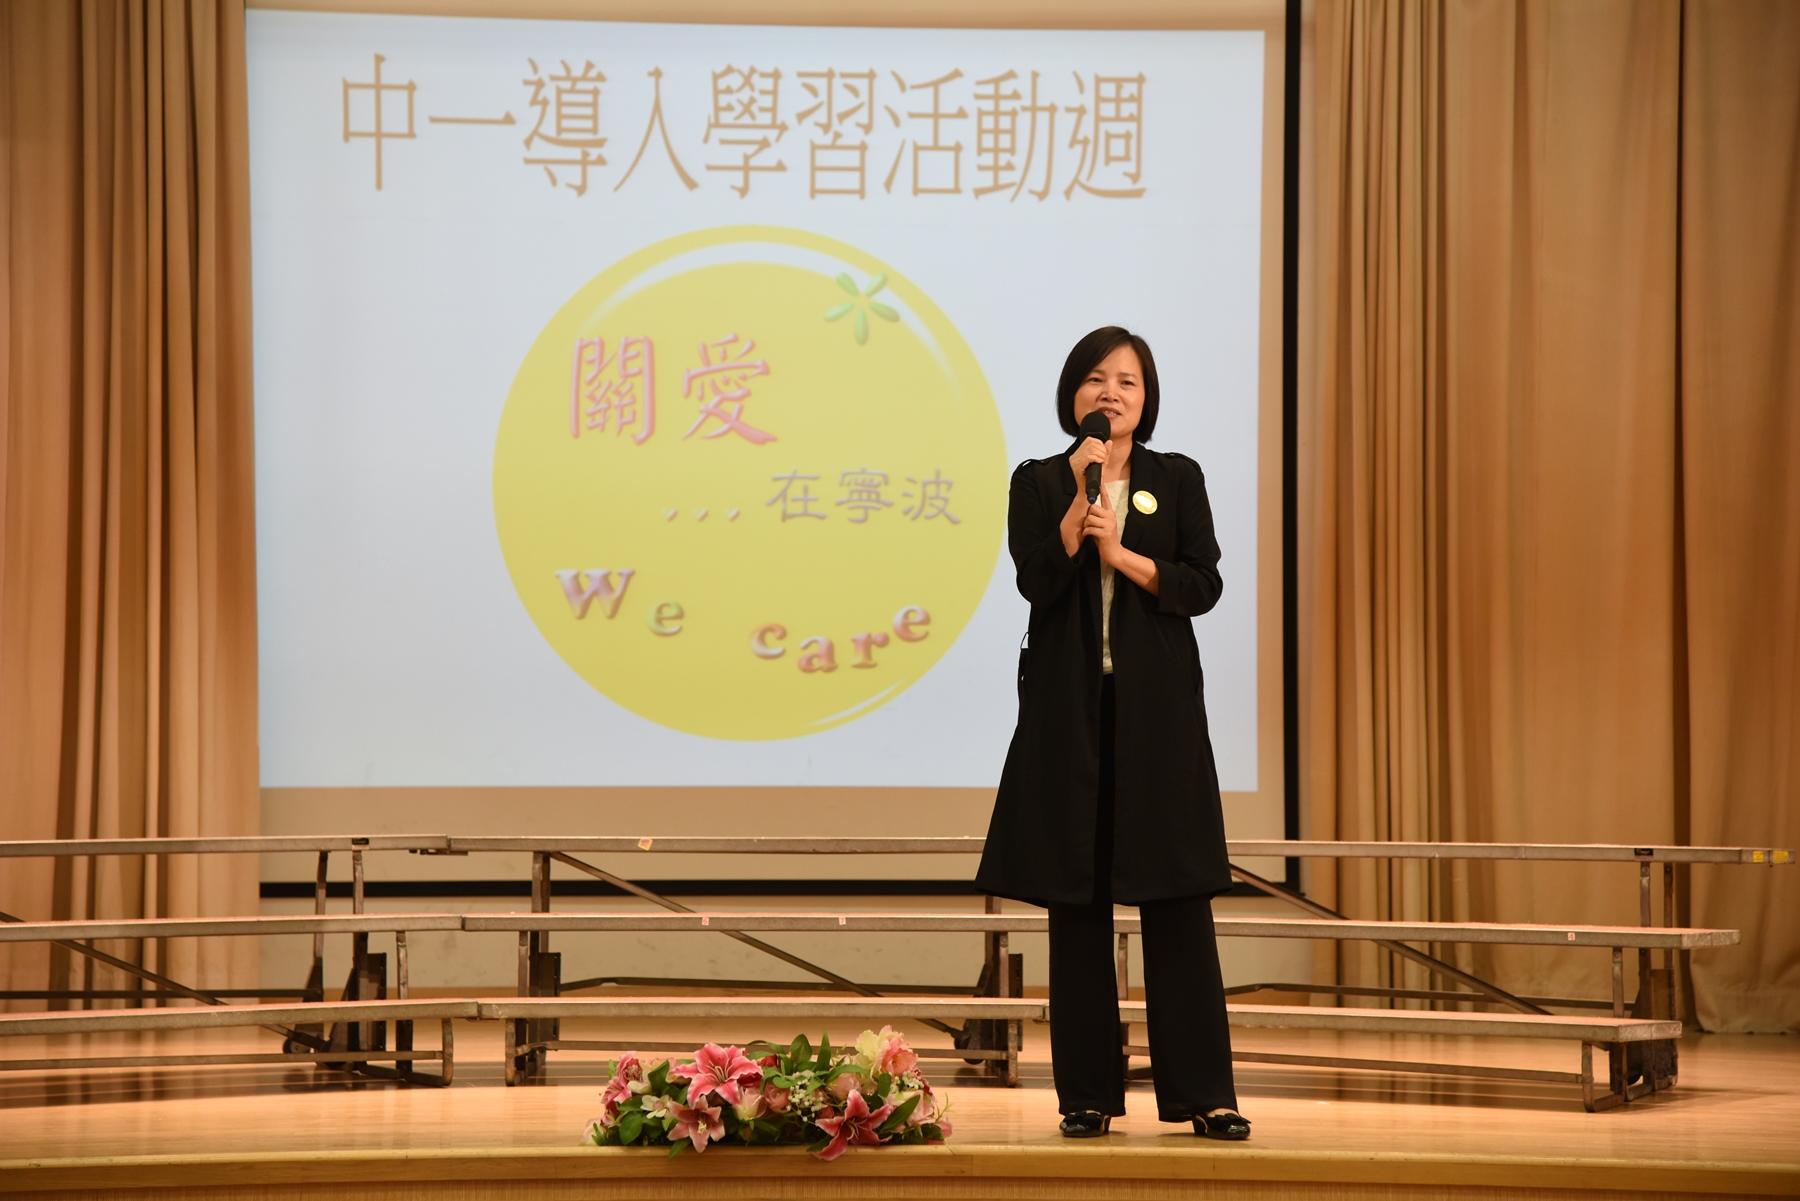 https://www.npc.edu.hk/sites/default/files/dsc_5100.jpg